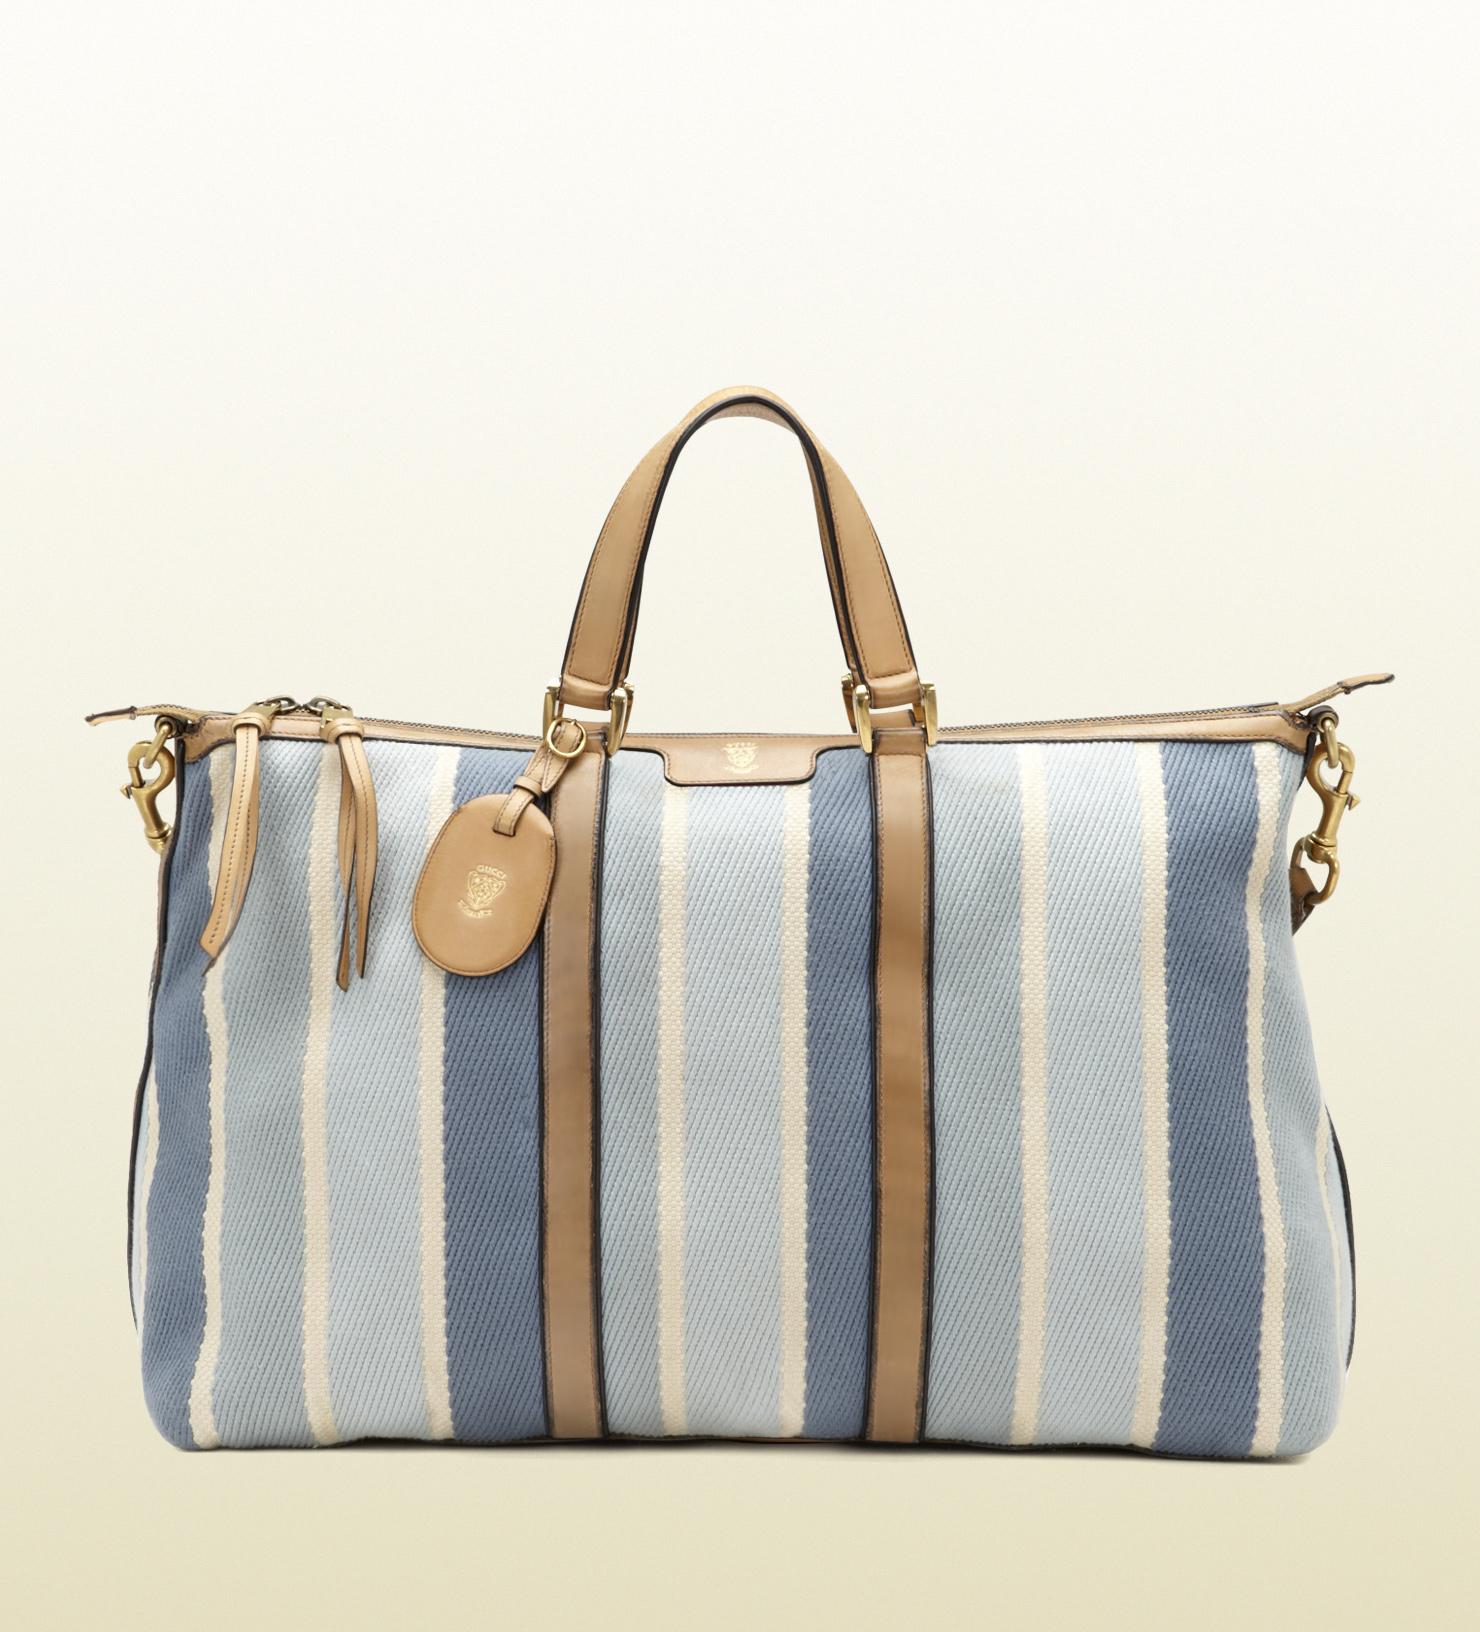 e0ad94a4ba22 Gucci Blue Tones Stripes Fabric Top Handle Duffel Bag in Blue for ...